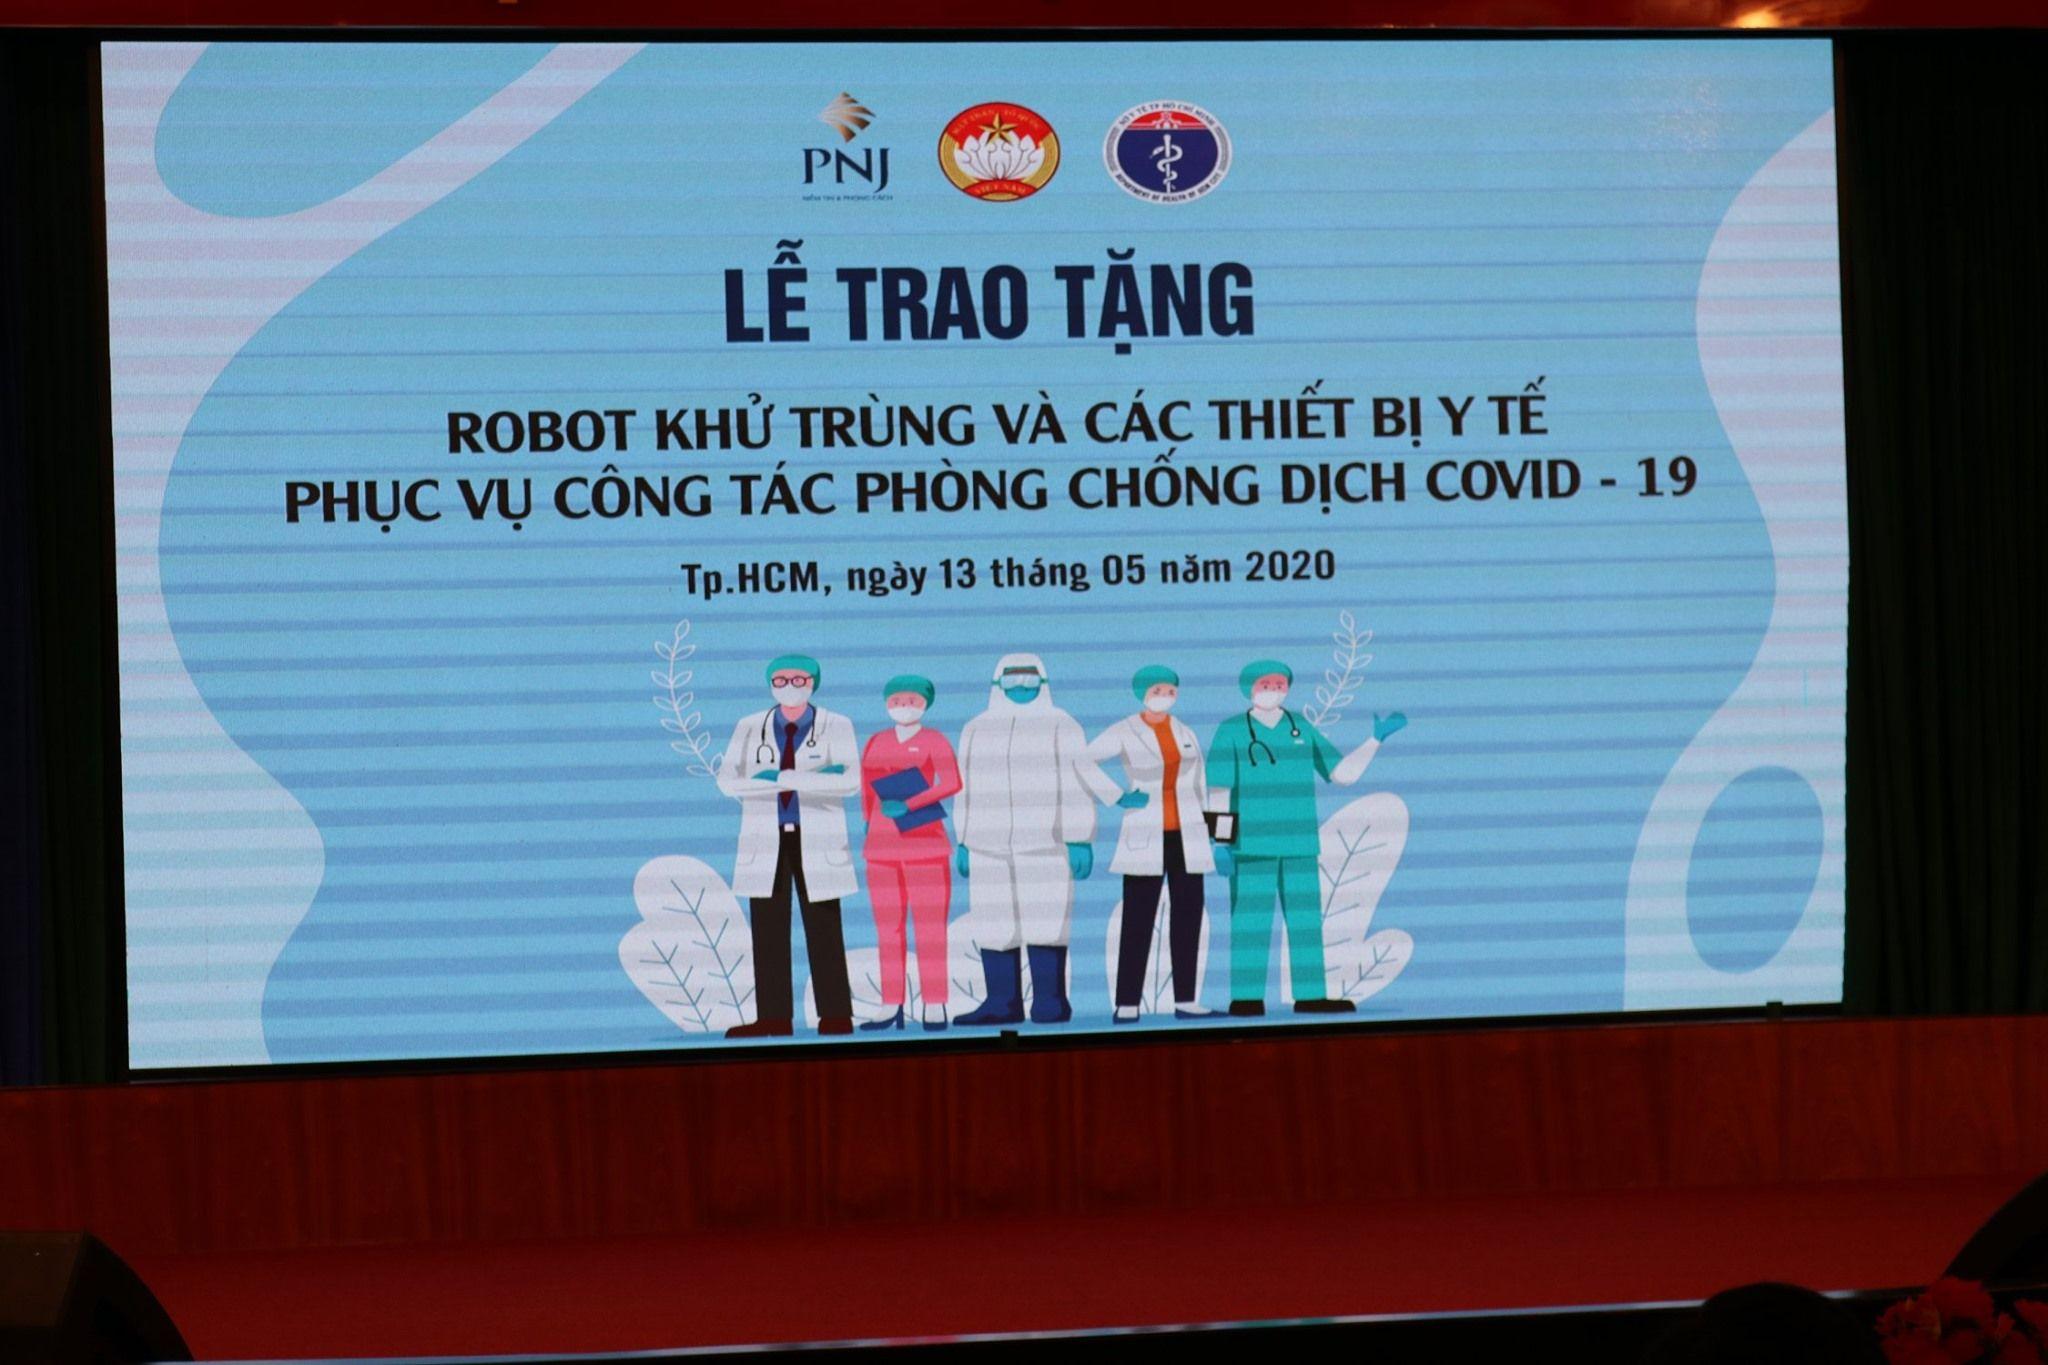 PNJ TRAO TẶNG 2 ROBOT KHỬ TRÙNG VÀ NHIỀU TRANG THIẾT BỊ Y TẾ CHỐNG DỊCH Ở TP.HCM